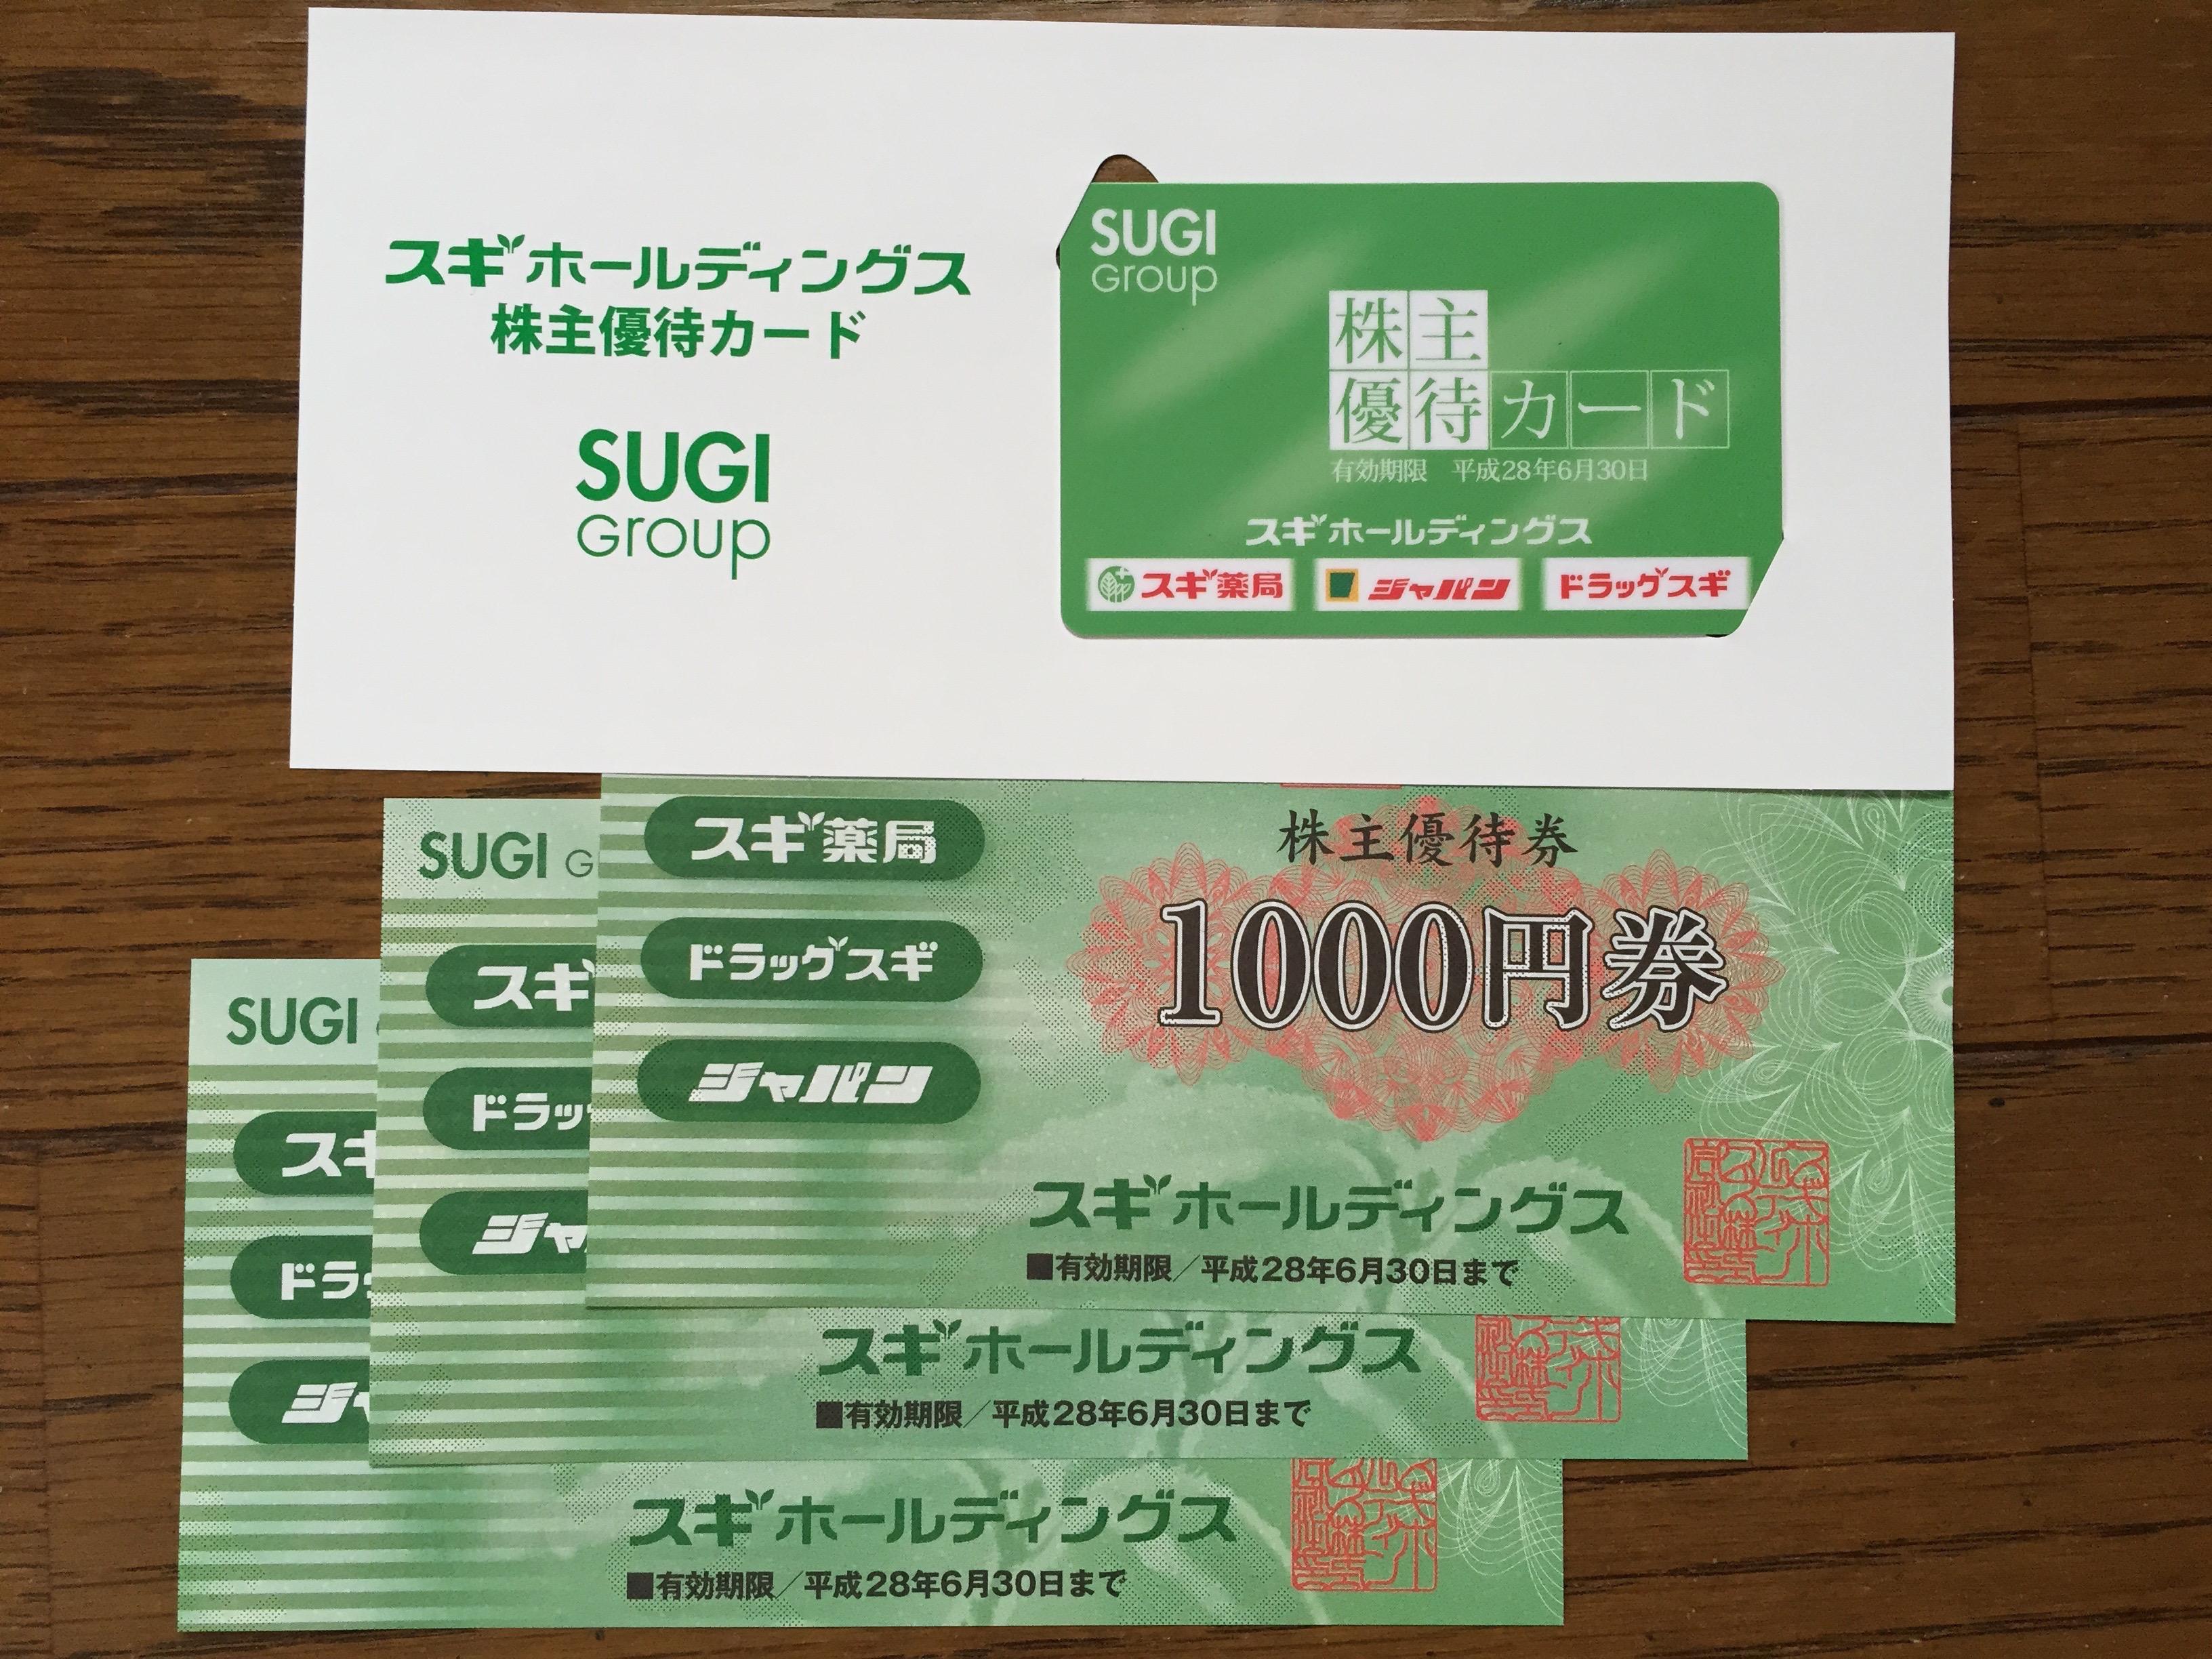 スギホールディングス(7649)の株主優待が到着!! 優待券だけじゃなく優待パスポートも貰えますよ